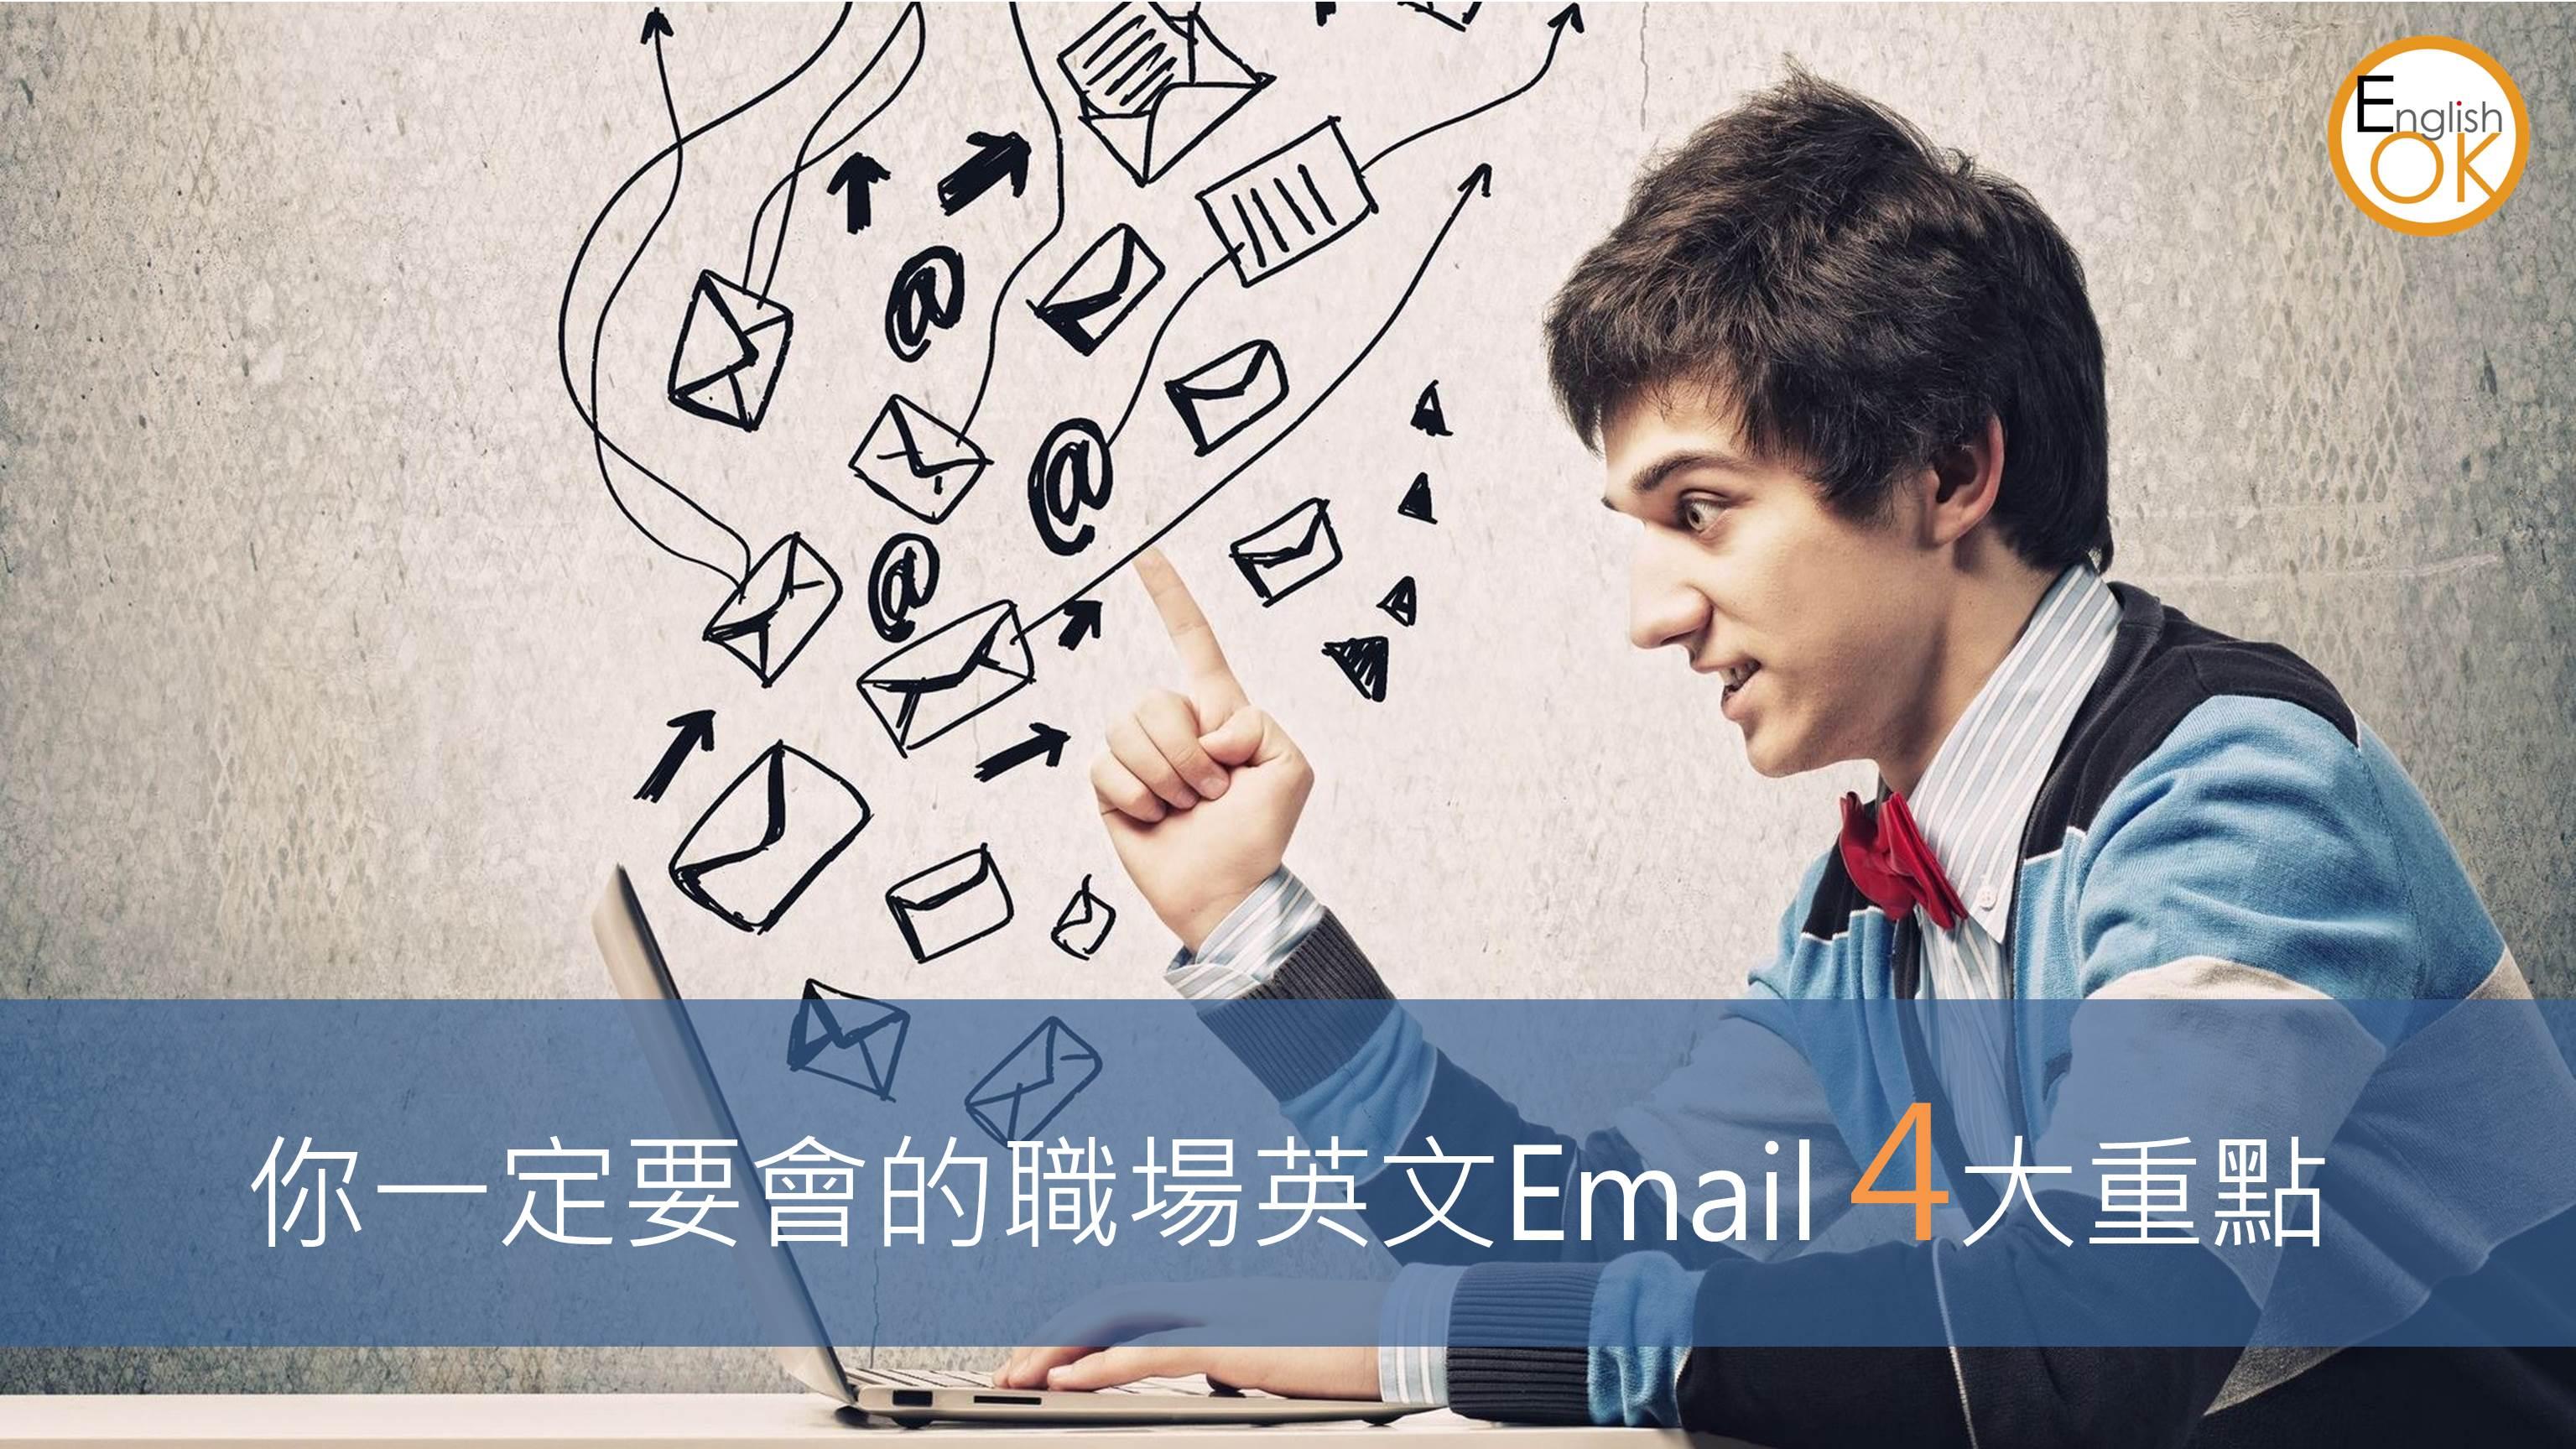 你一定要會的職場英文Email 4大重點 | | EnglishOK 中學英閱誌